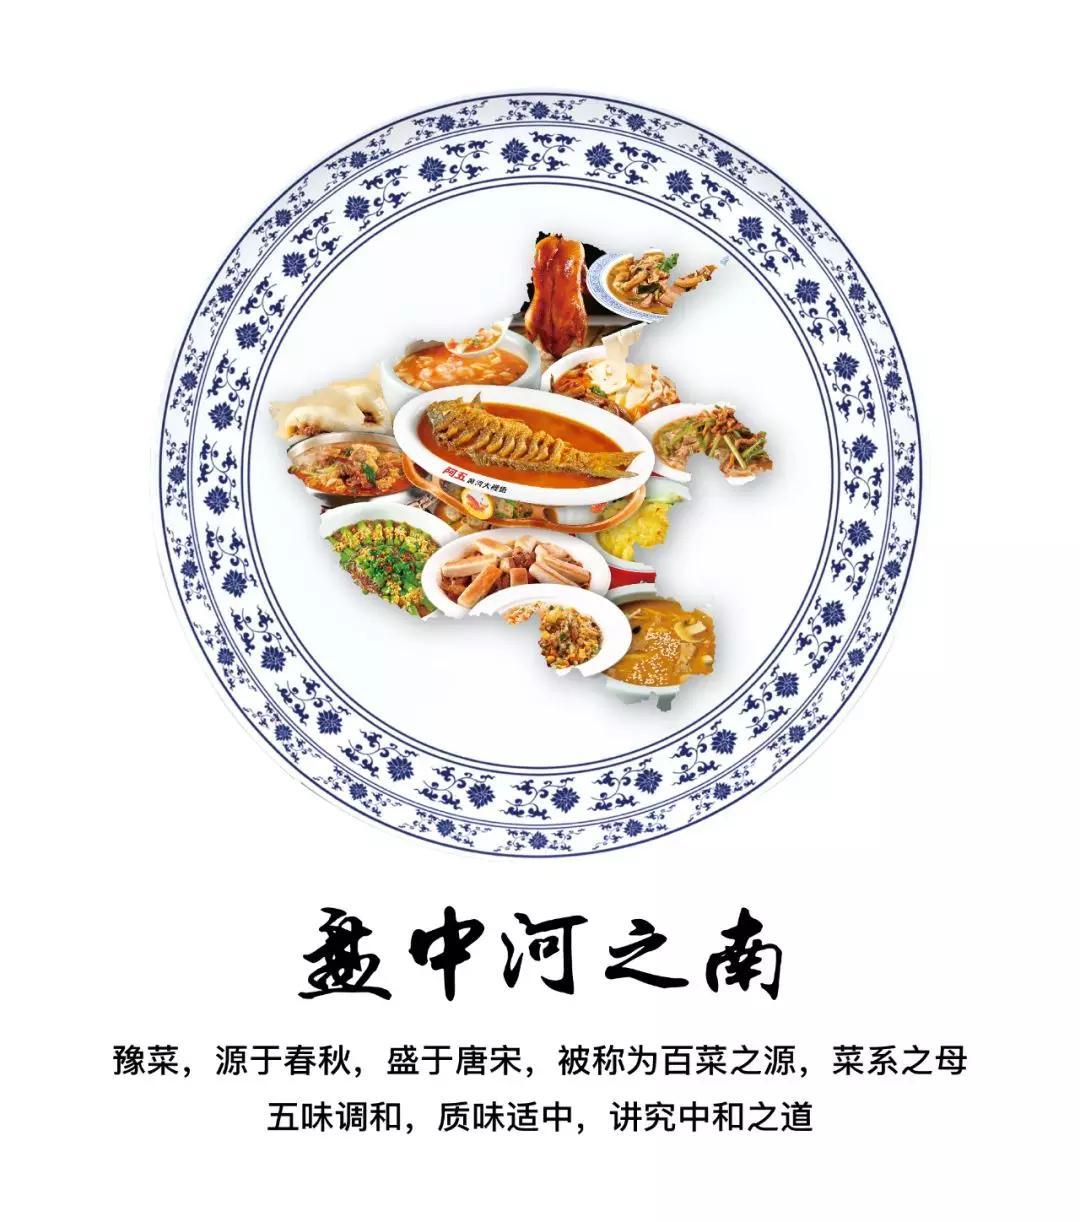 """阿五黄河大鲤鱼樊胜武:聚焦升级 打造豫菜超级""""IP"""""""